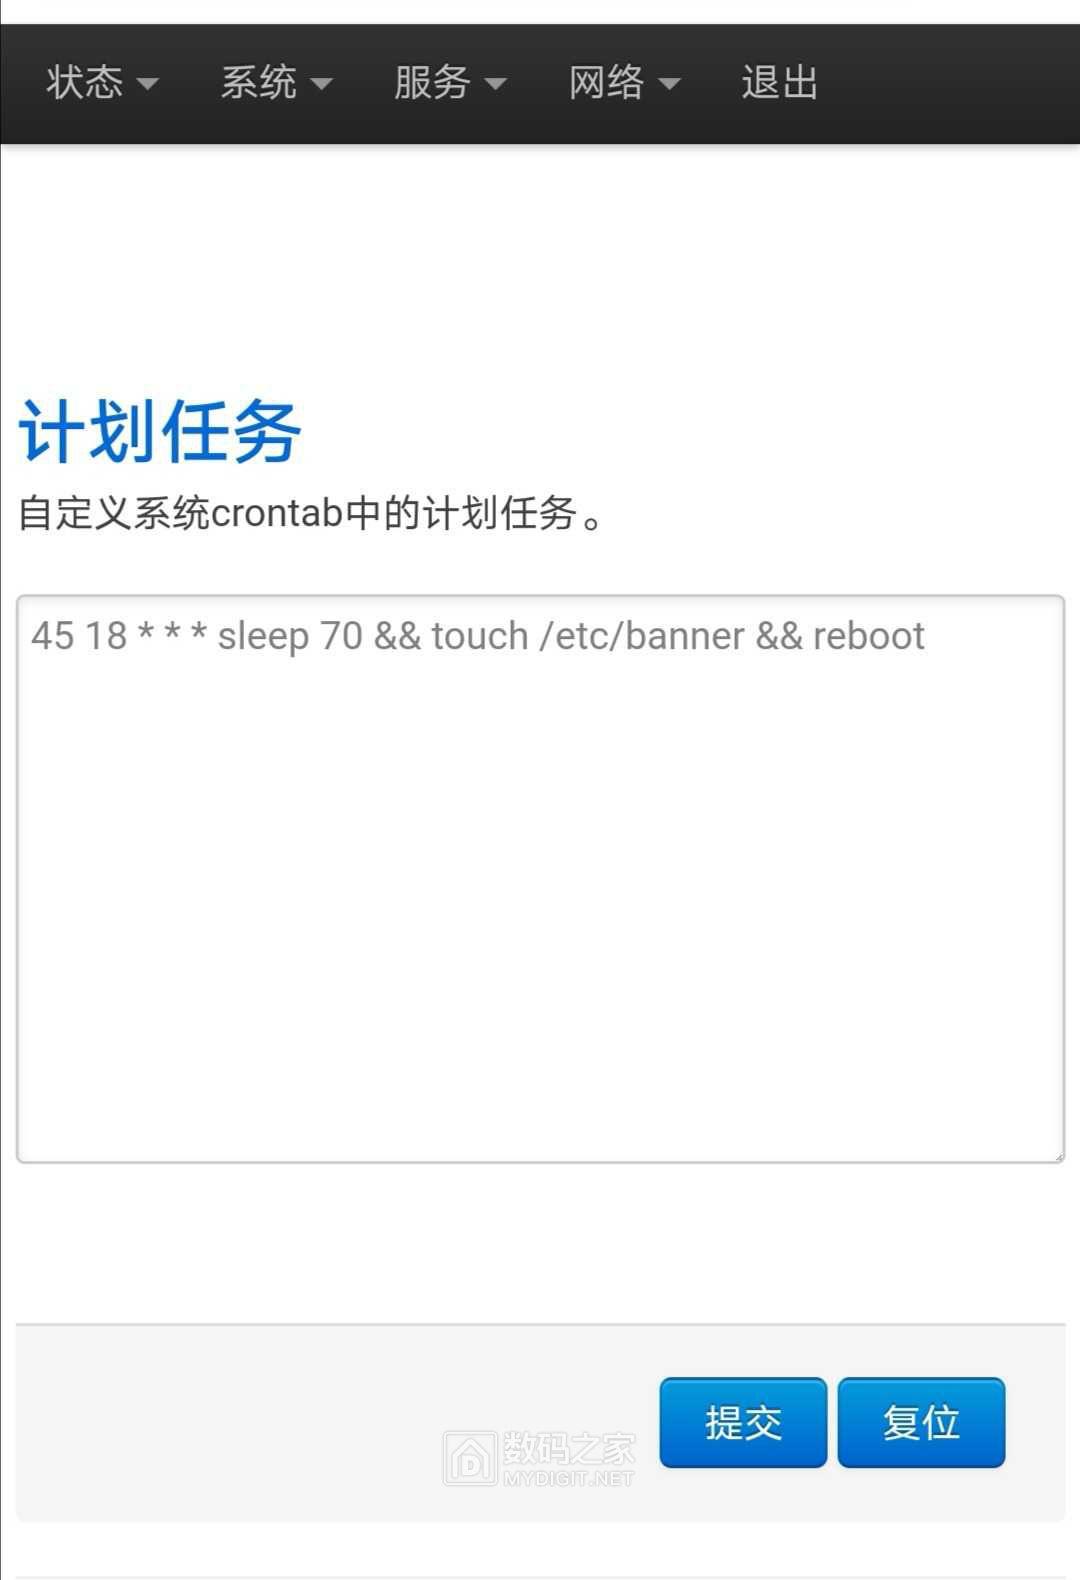 Screenshot_20201013_190737.jpg